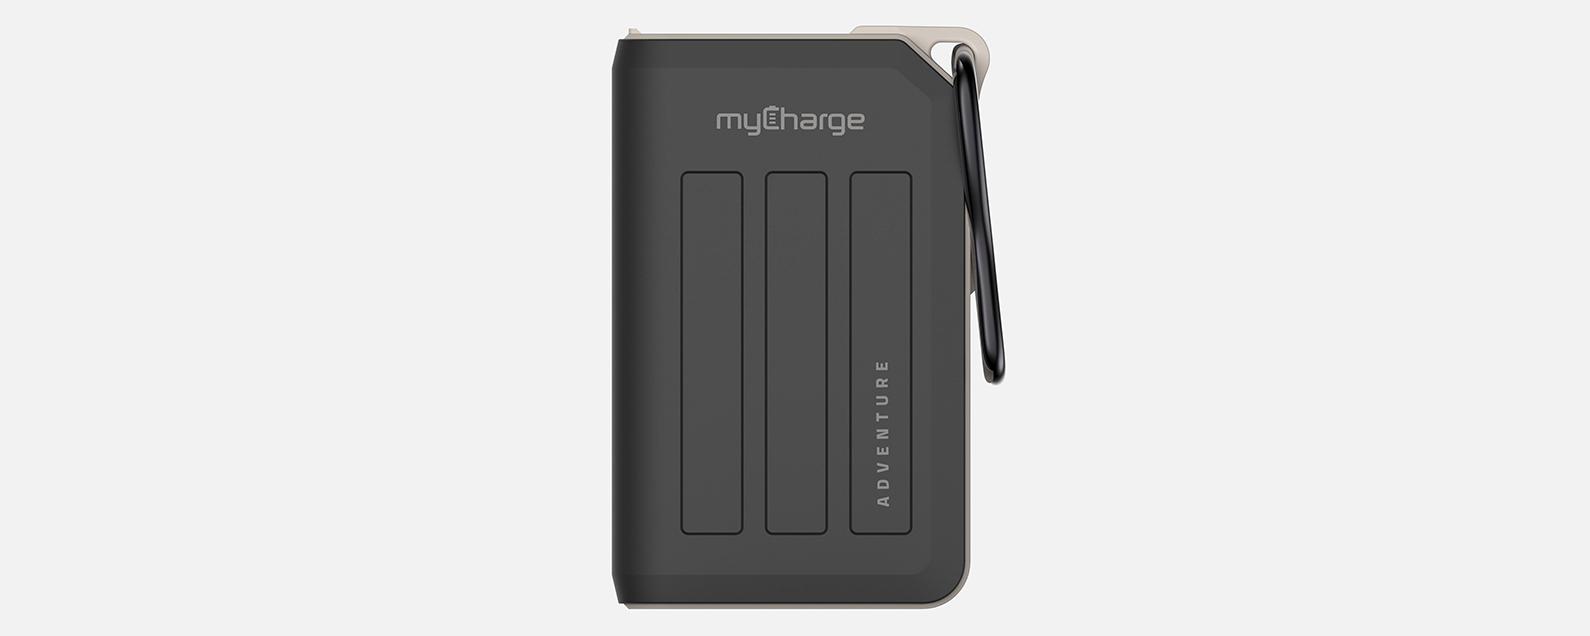 Review  MyCharge AdventureMax Portable Power Bank  dde6894cc7d8